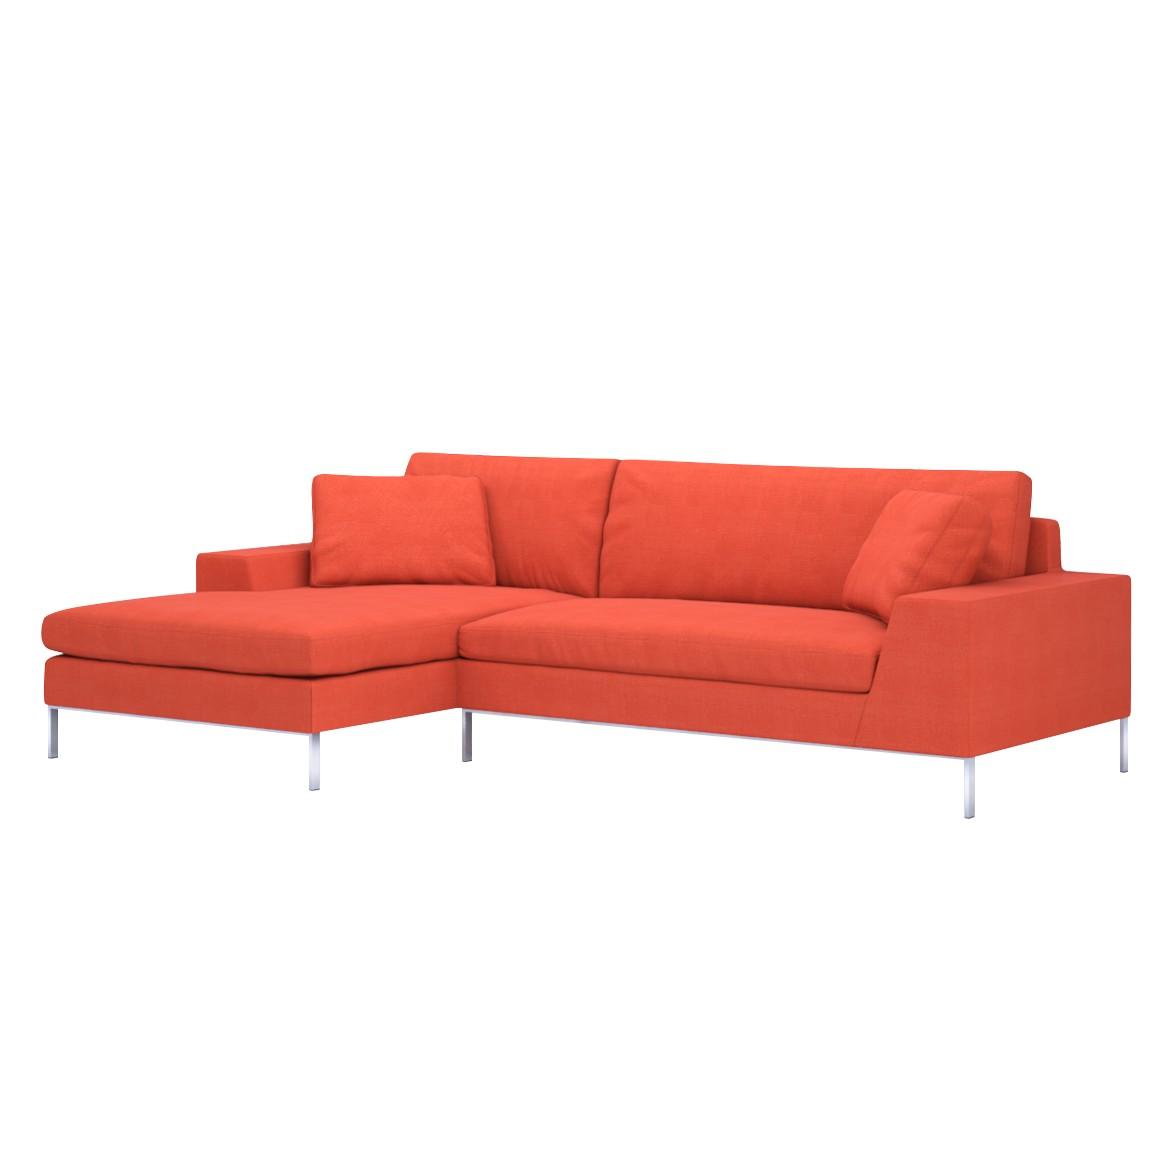 Sofa Helgesen (2-Sitzer) mit Recamière – Longchair/Ottomane davorstehend links – Senja III Orange (Tieforange), Von Wilmowsky online kaufen